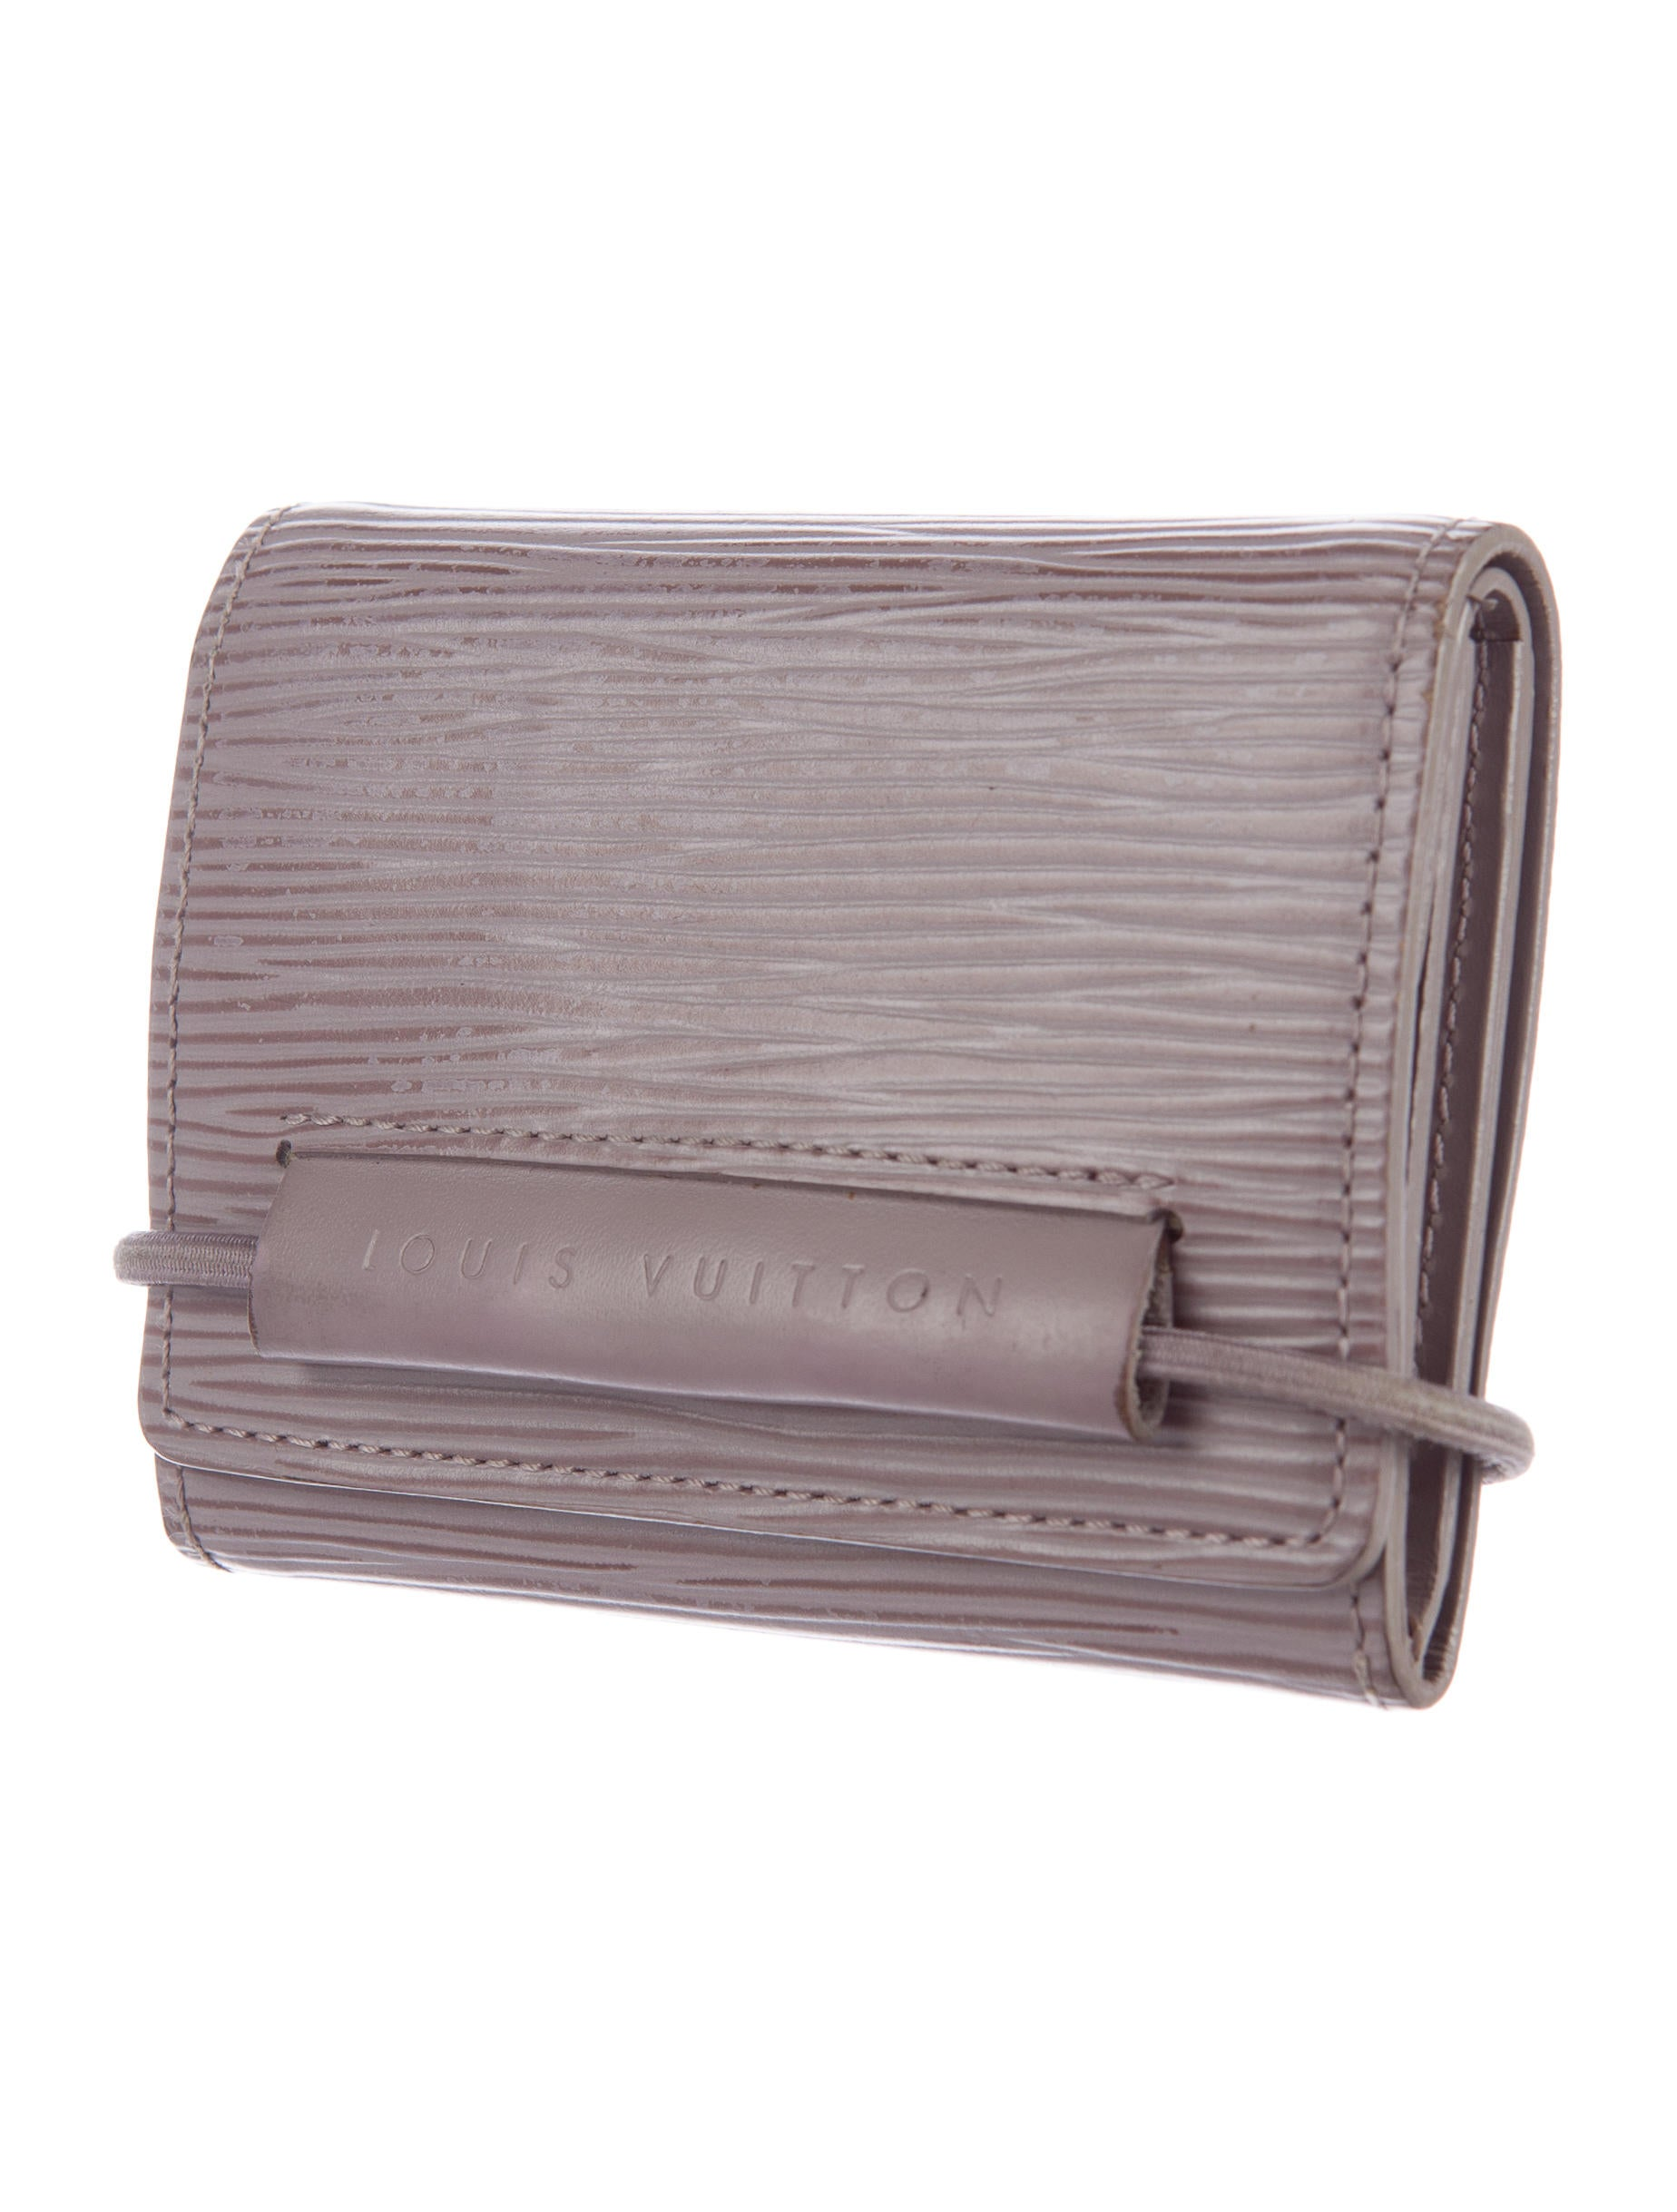 louis vuitton porte monnaie lastique wallet accessories ForPorte Monnaie Wallet